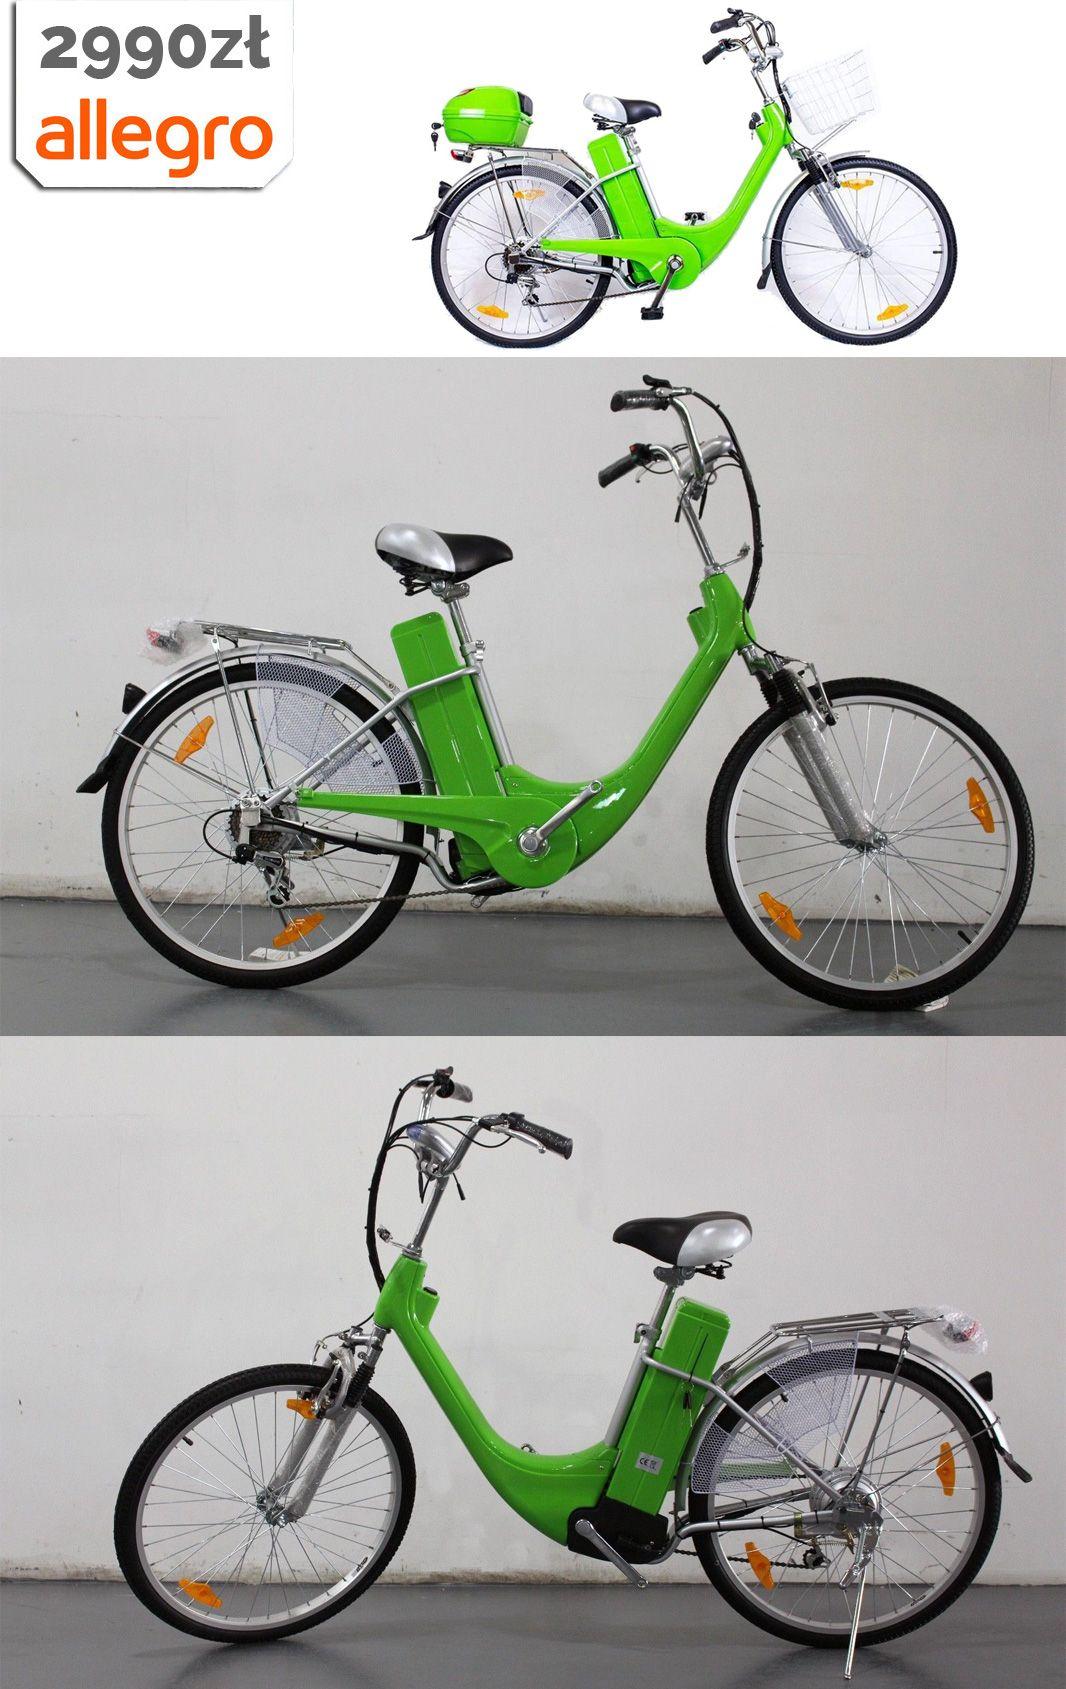 Brak Ci Sil Na Dluzsza Podroz Sprawdz Rowery Elektryczne Jagpol Bike Bicycle Bath